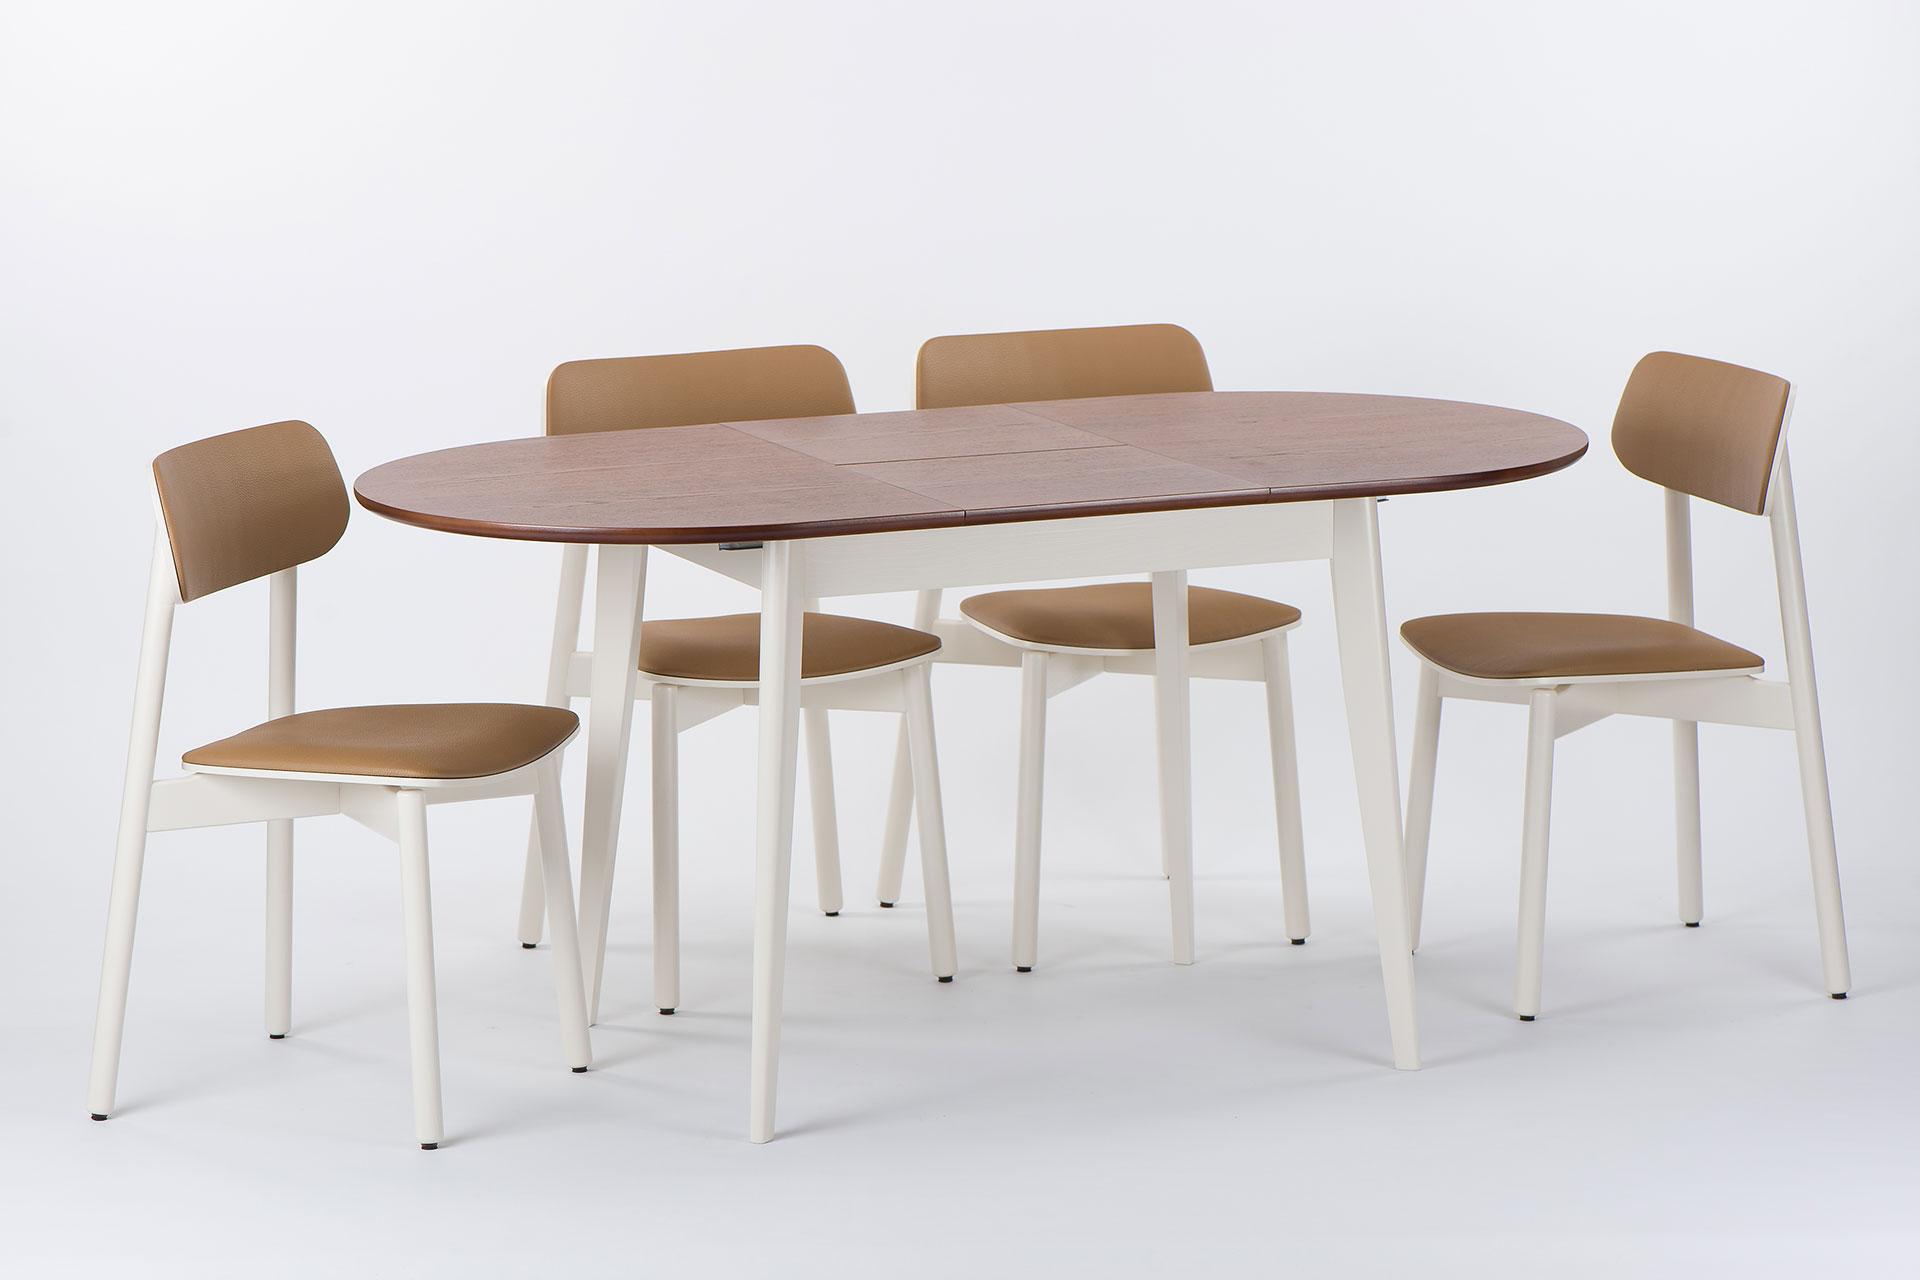 Кухонный комплект: овальный стол Турин и 4 белых с коричневой спинкой и сиденьем стула Х